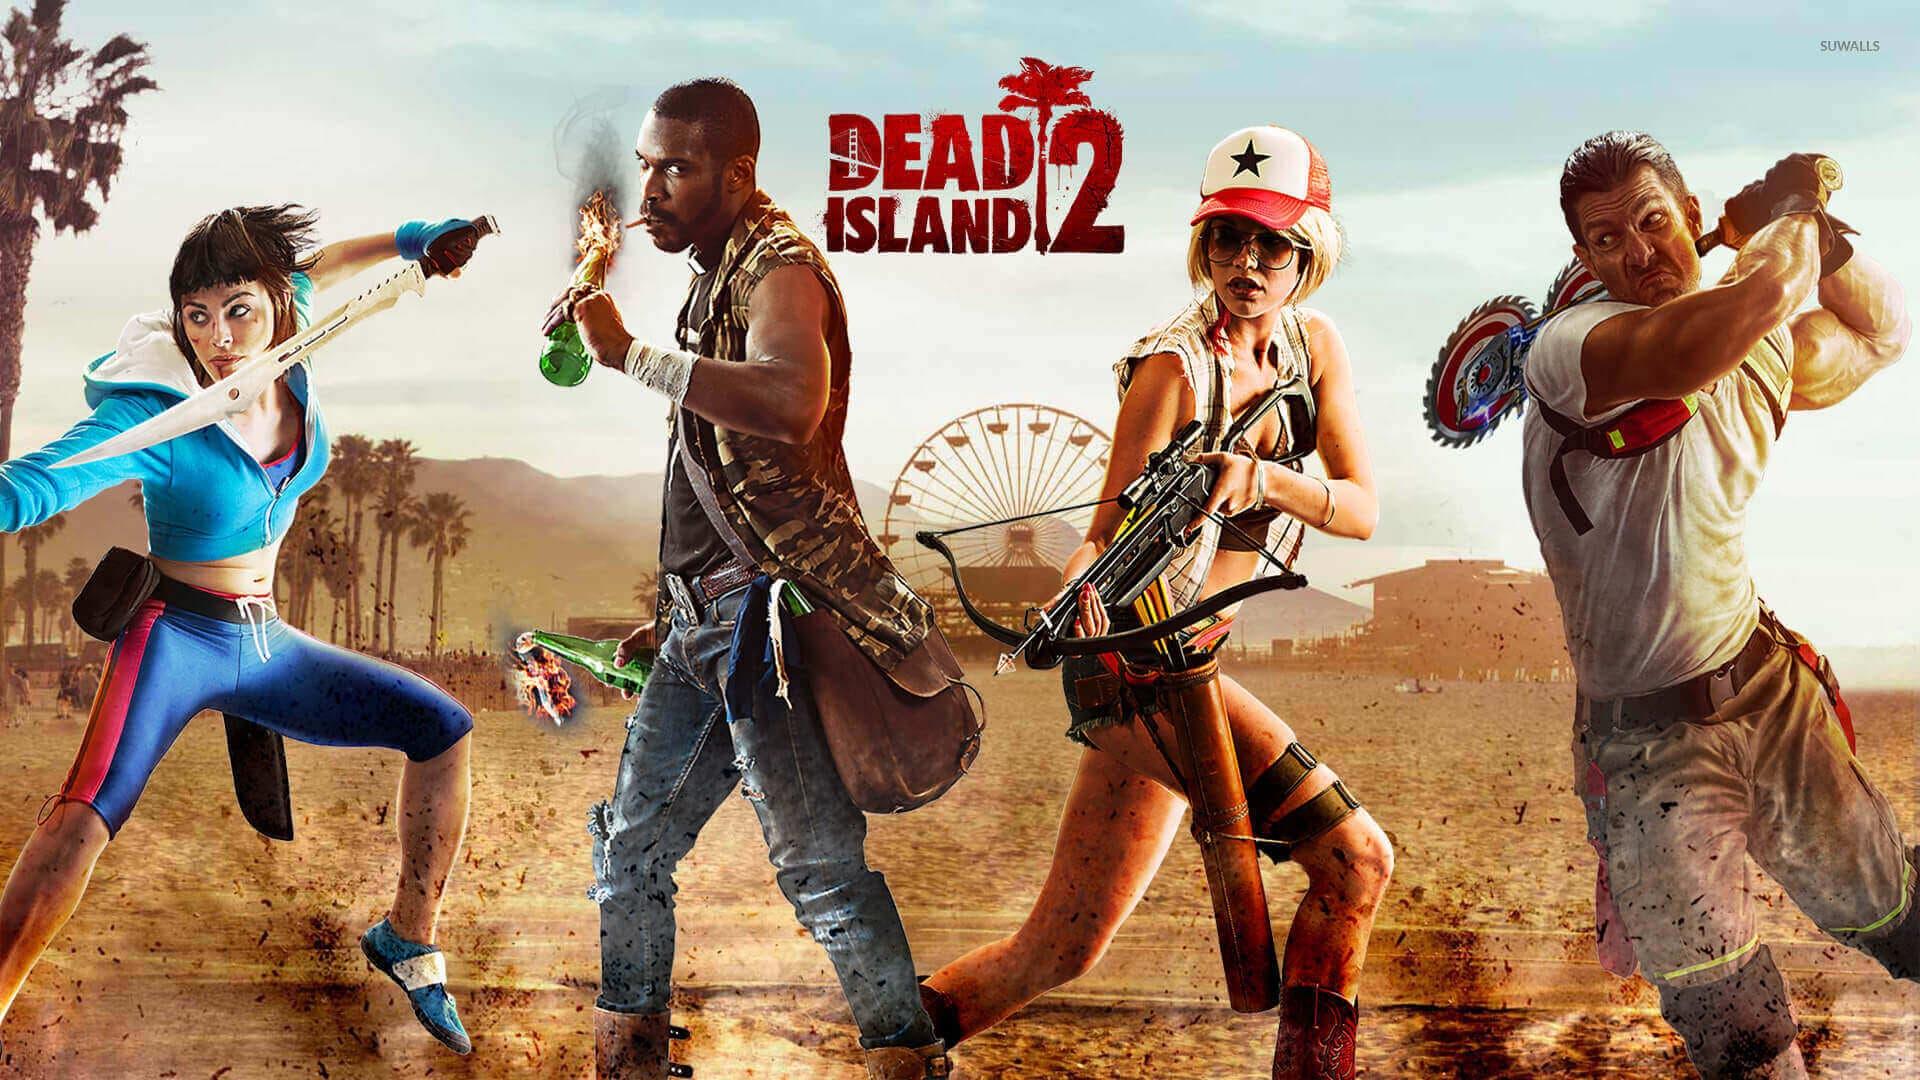 Dead Island 2 será un juego intergeneracional según una oferta de trabajo 1